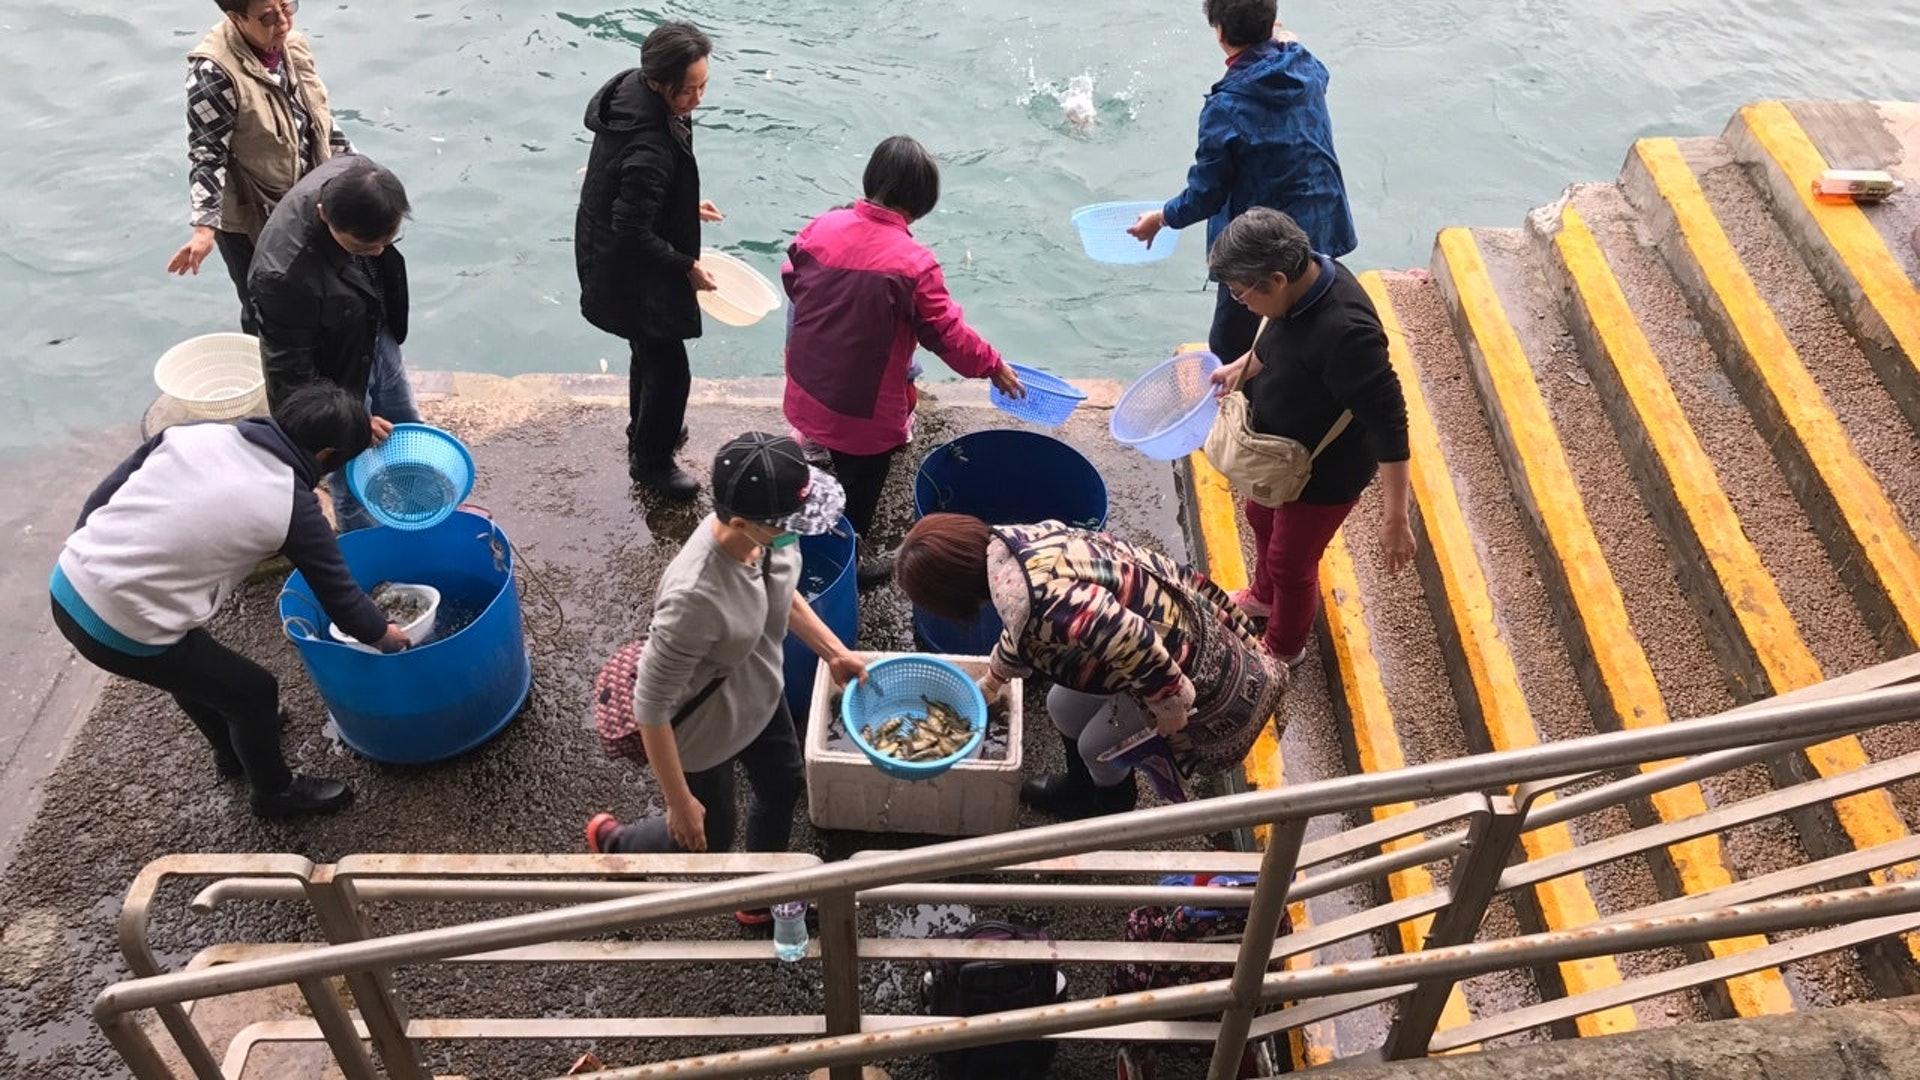 不時有巿民在海邊做放生活動,但許多生物被放生後仍難逃劫數。(資料圖片)